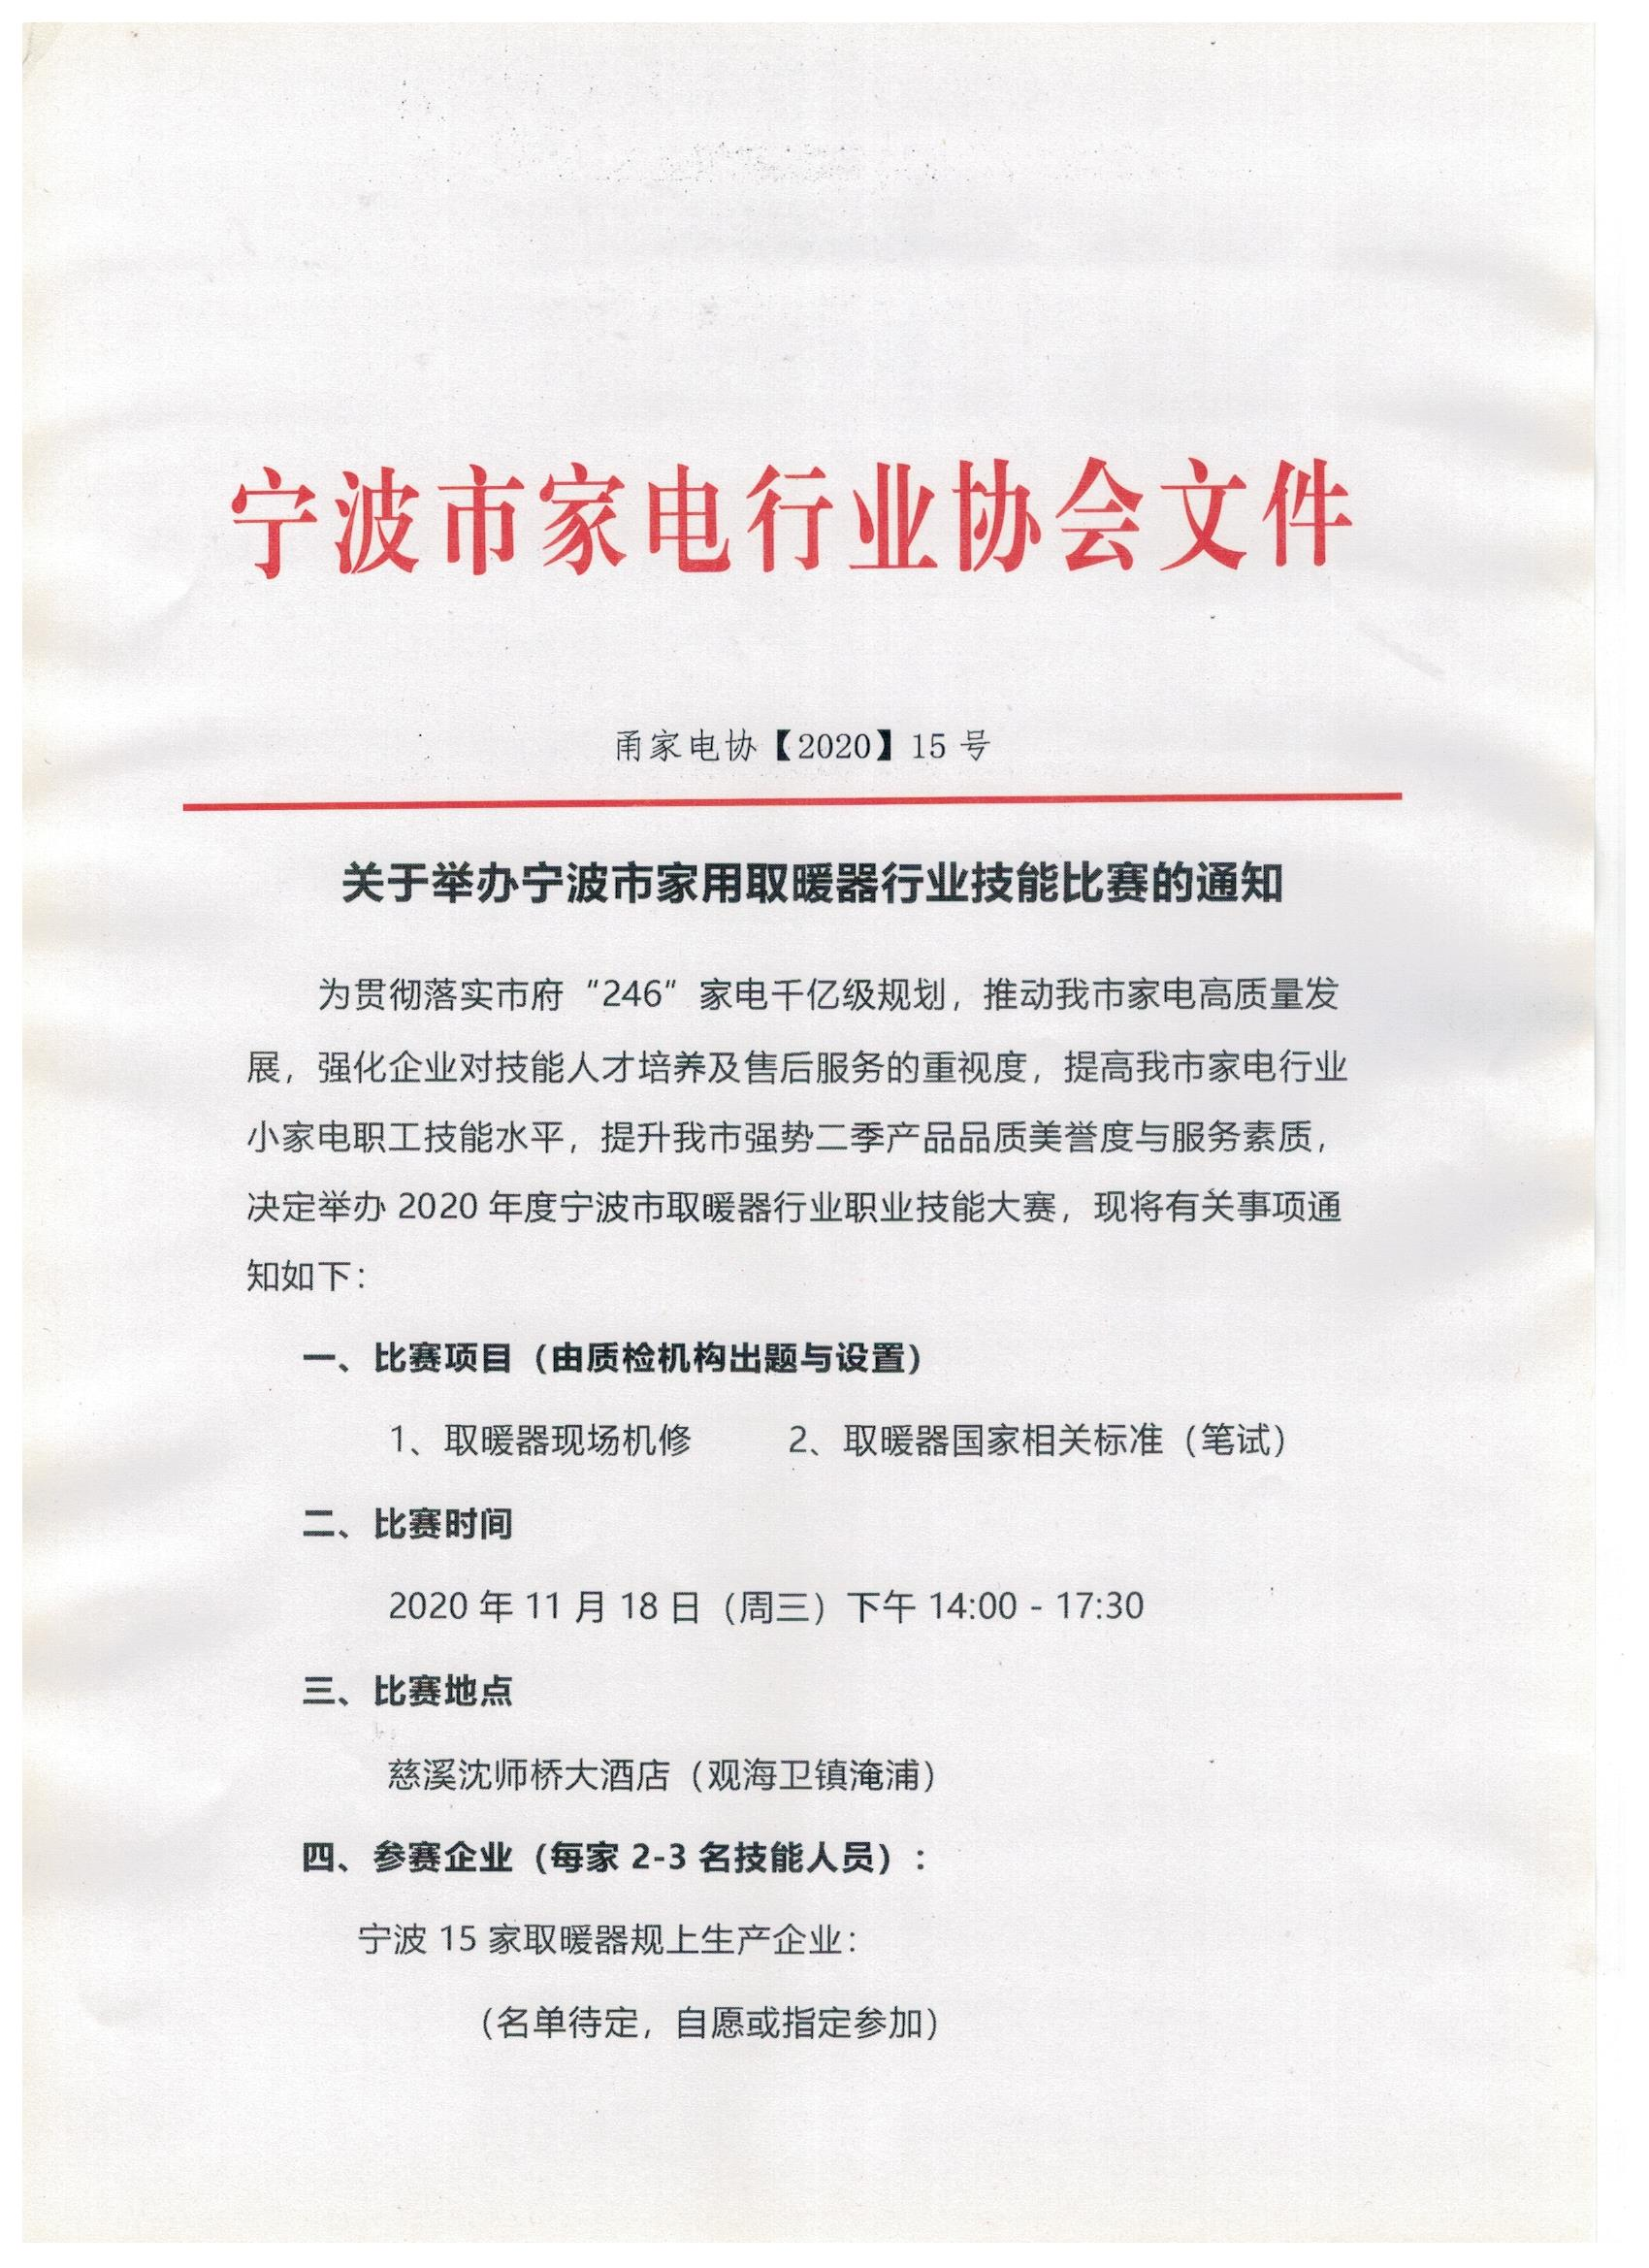 关于举办宁波市家用取暖器行业技能比赛的通知